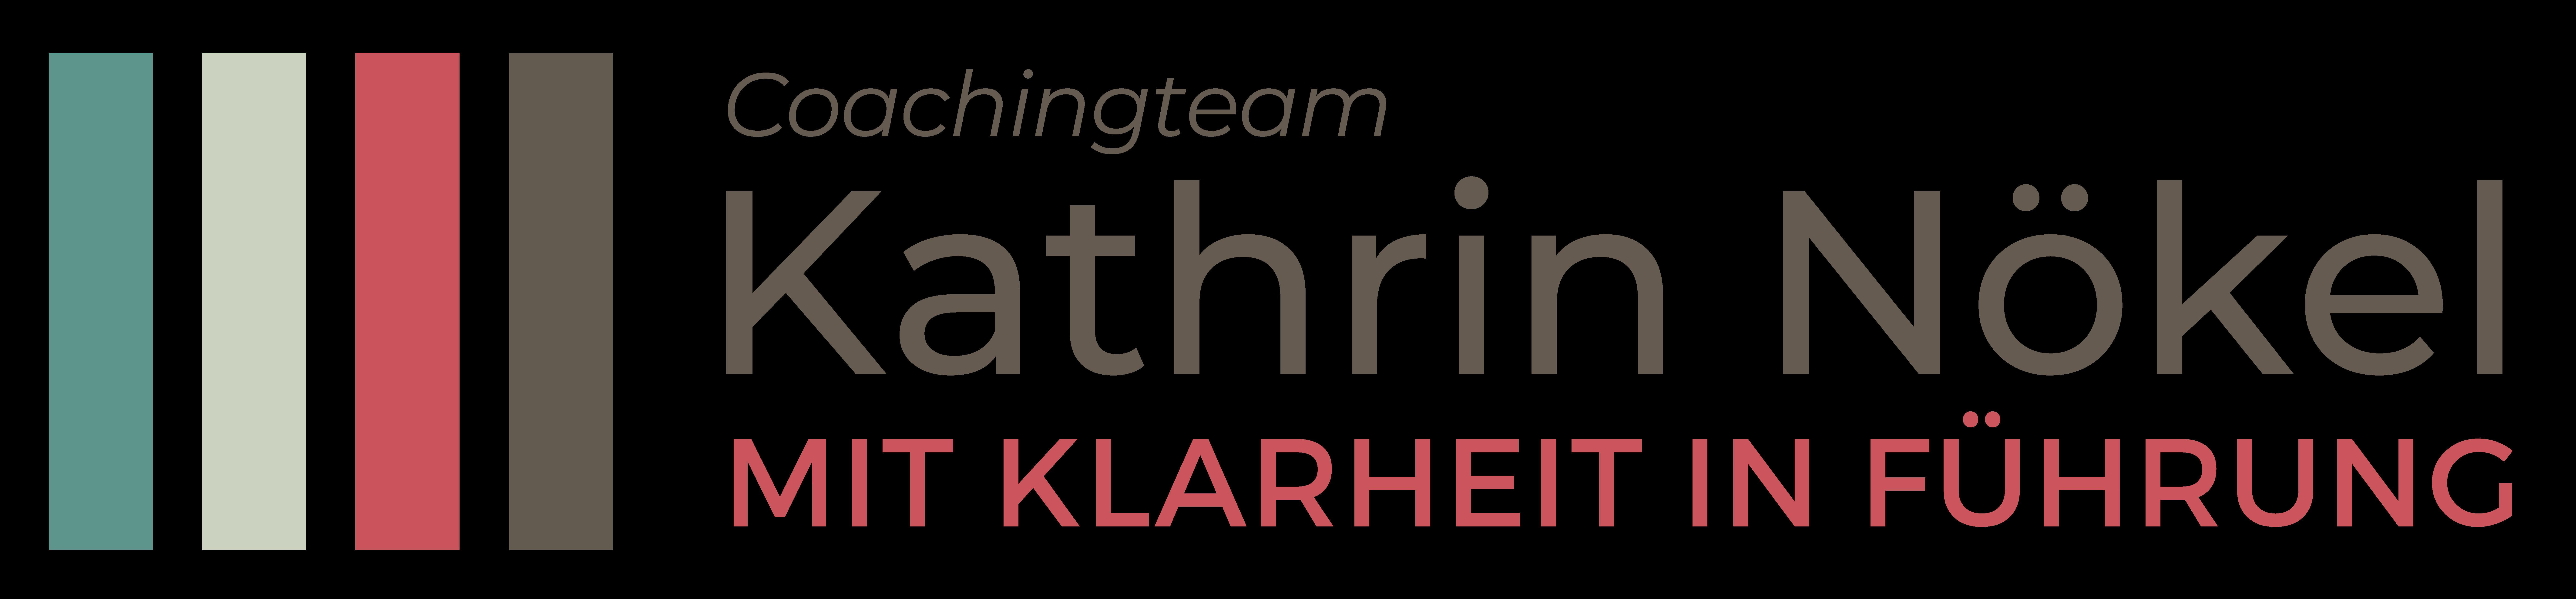 Kathrin Noekel | Training & Coaching für Führungskräfte und Teamleitungen